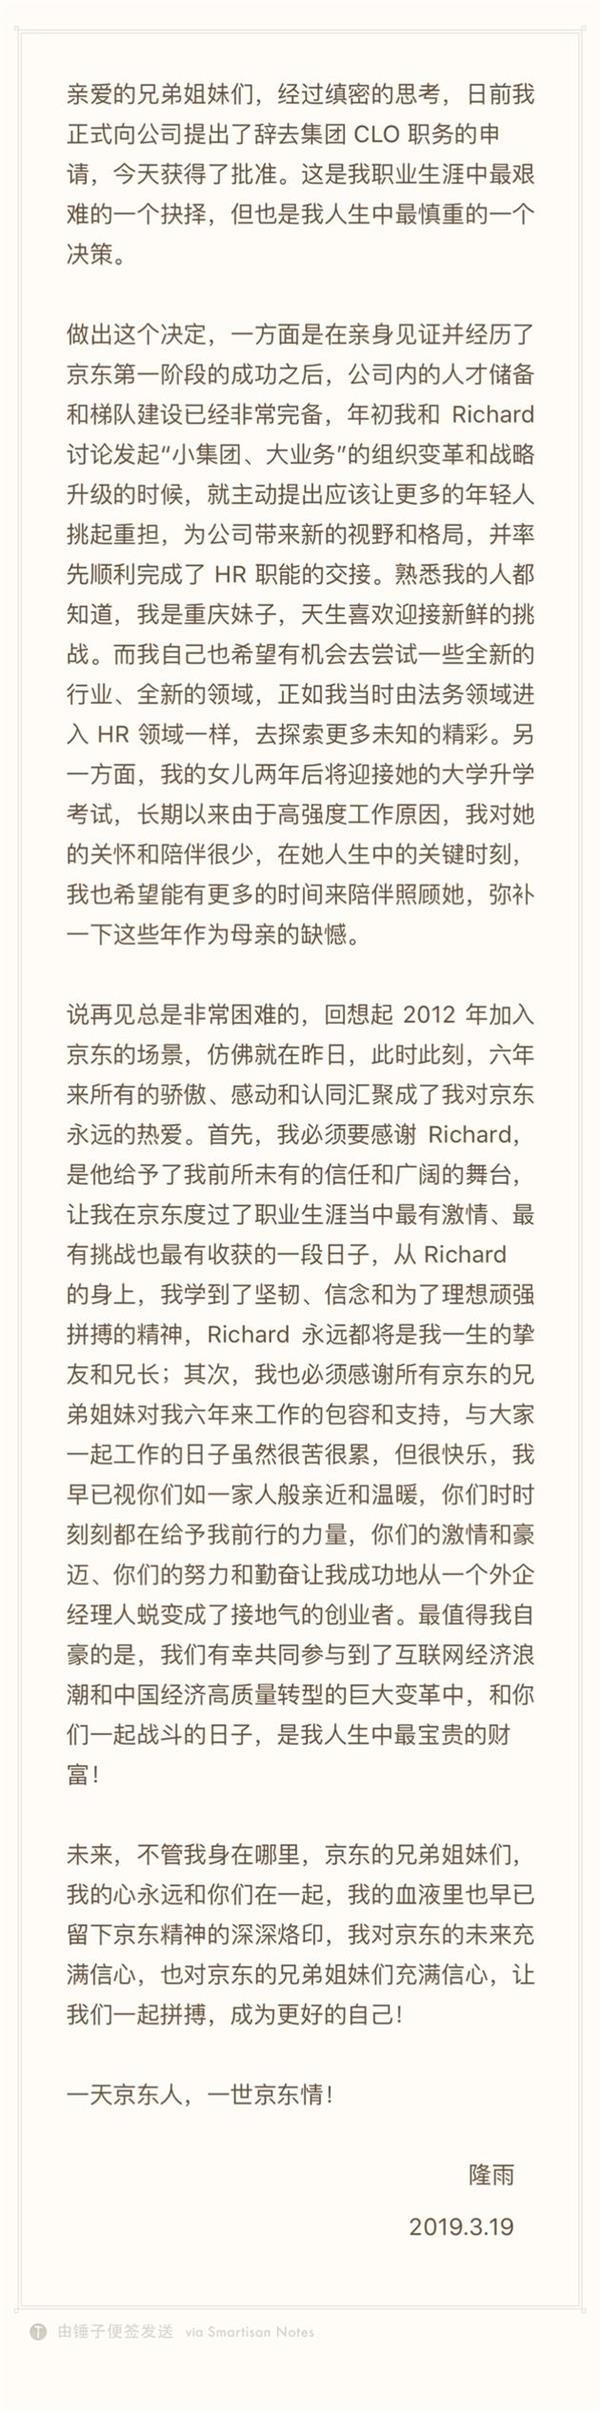 京东首席法务官隆雨辞任:职业发展和家庭原因